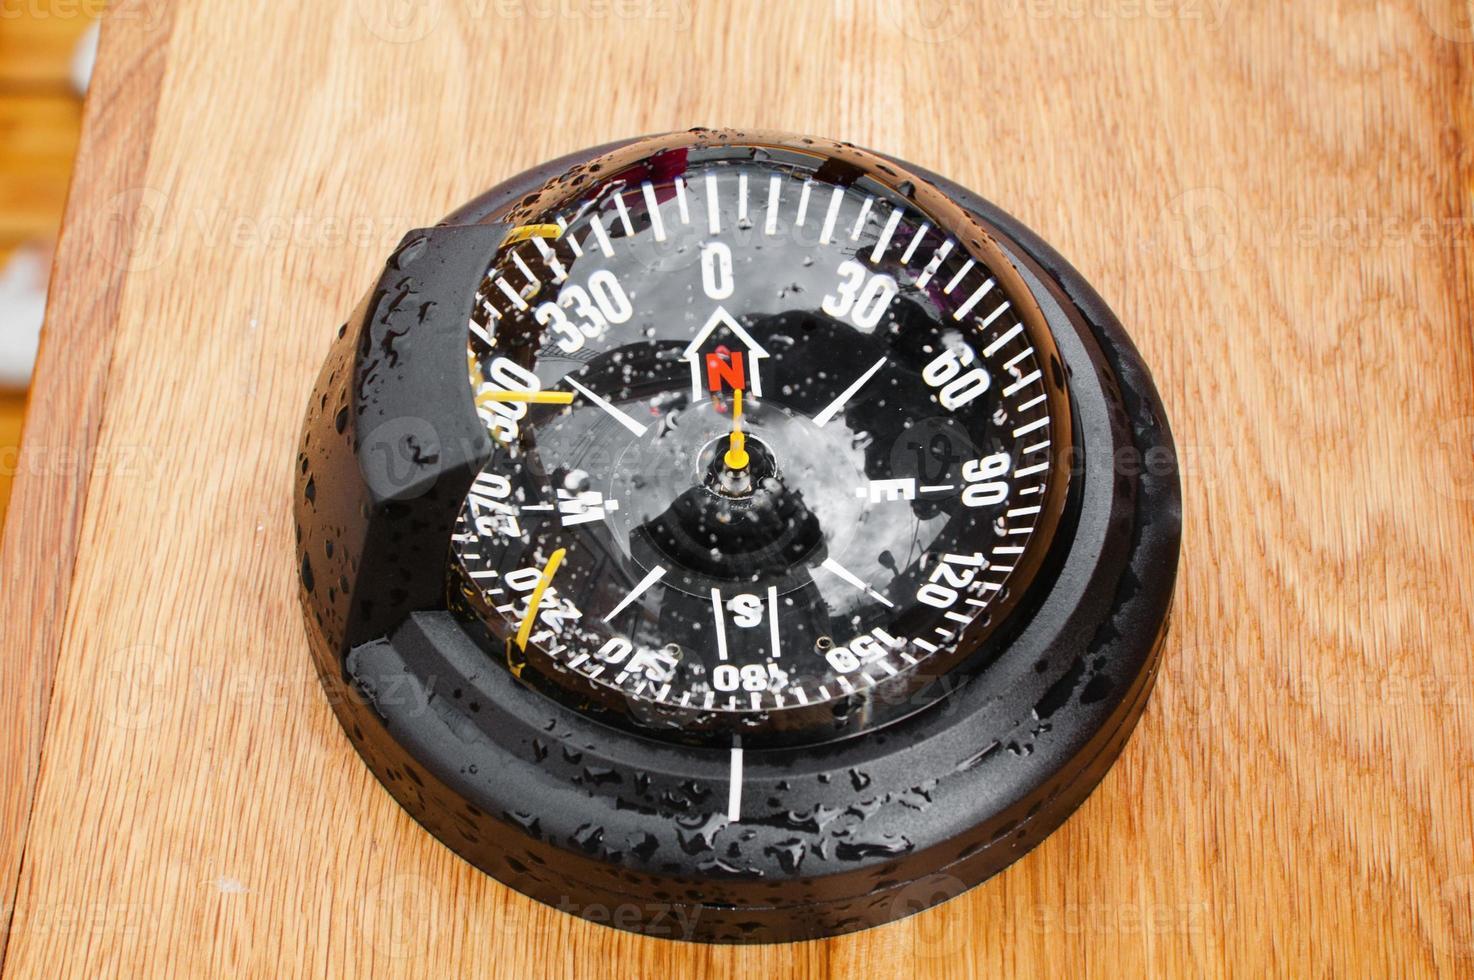 jachtkompas, close-up foto